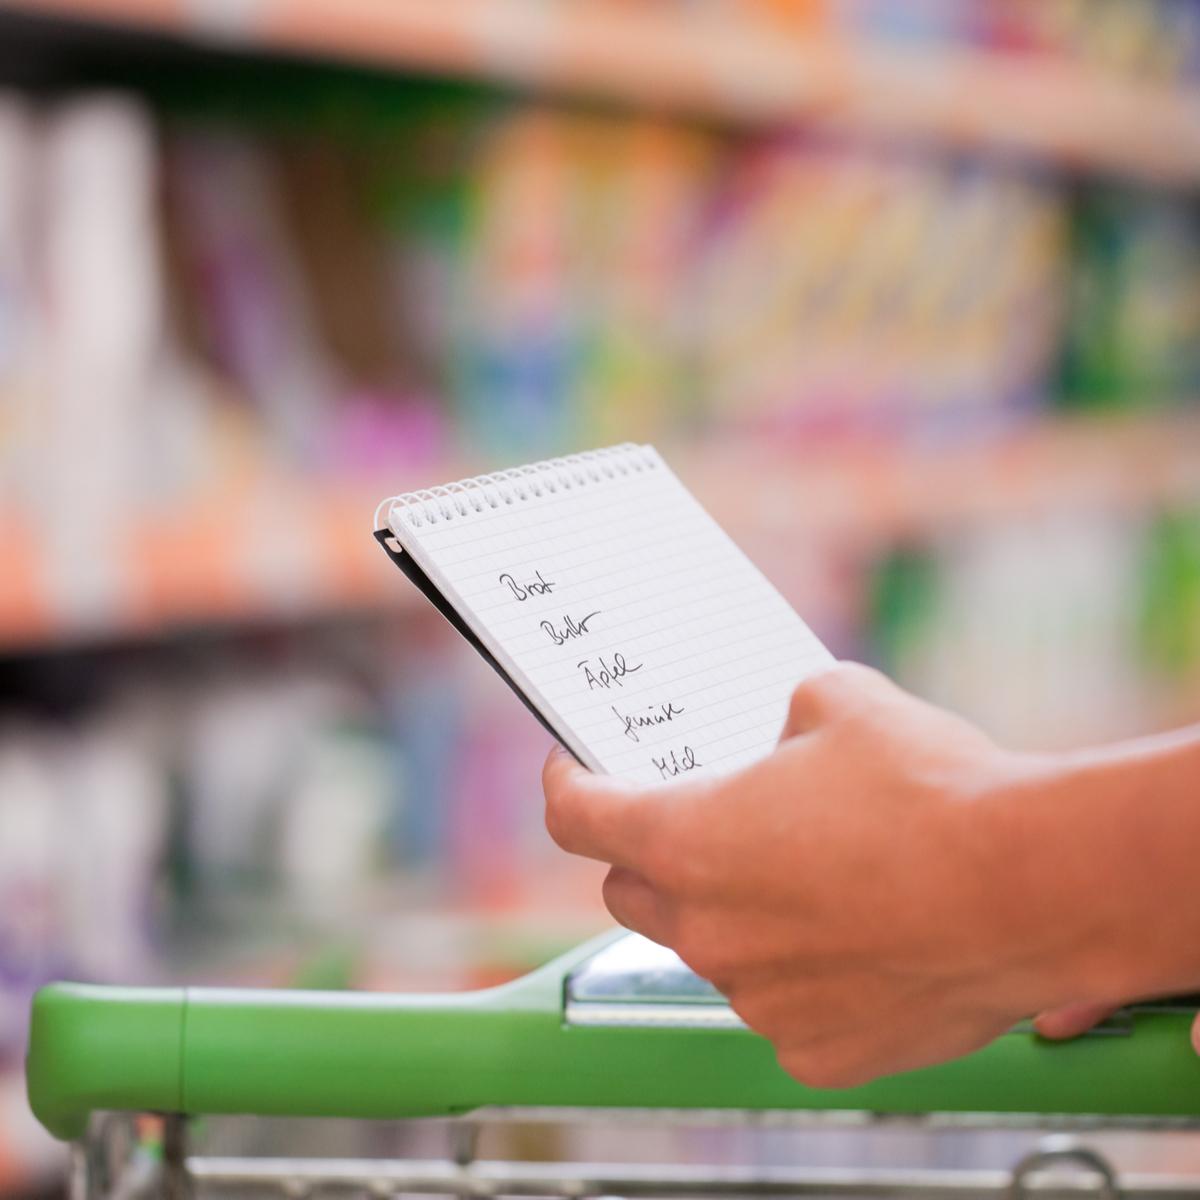 Claves para ahorrar en el supermercado _ VENTAJON